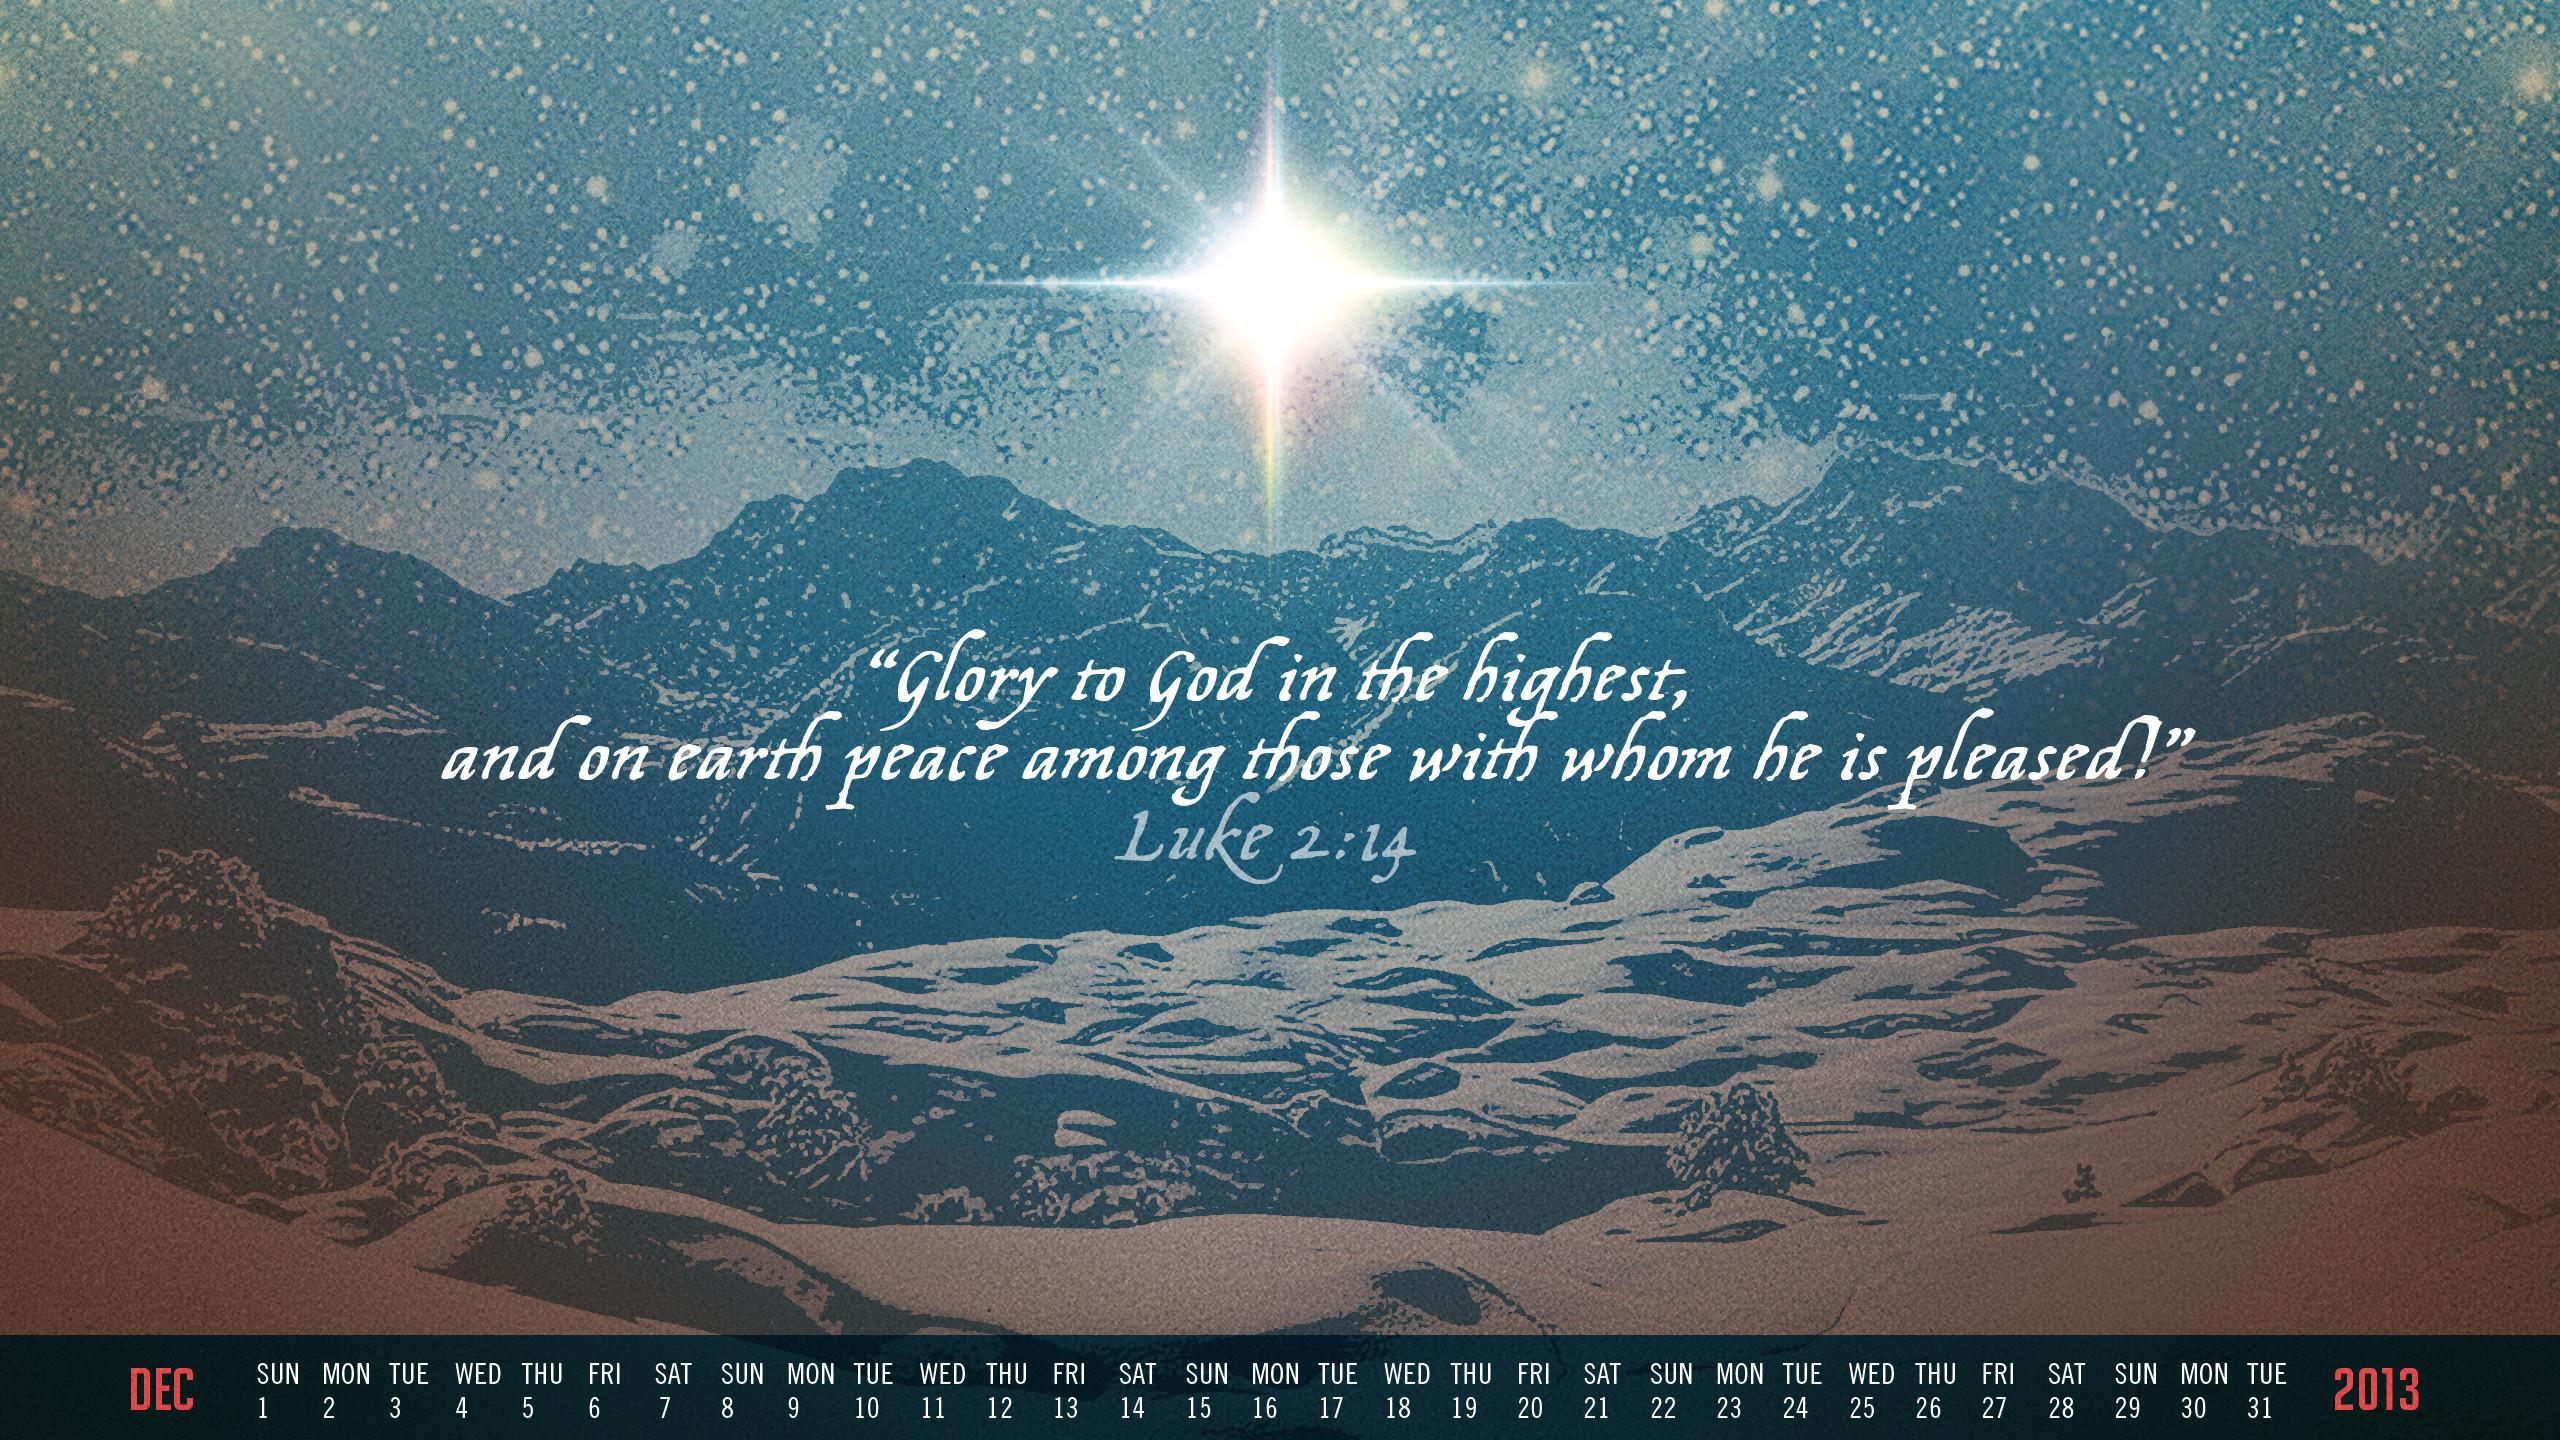 Christian Wallpaper Calendar : Christian desktop backgrounds images